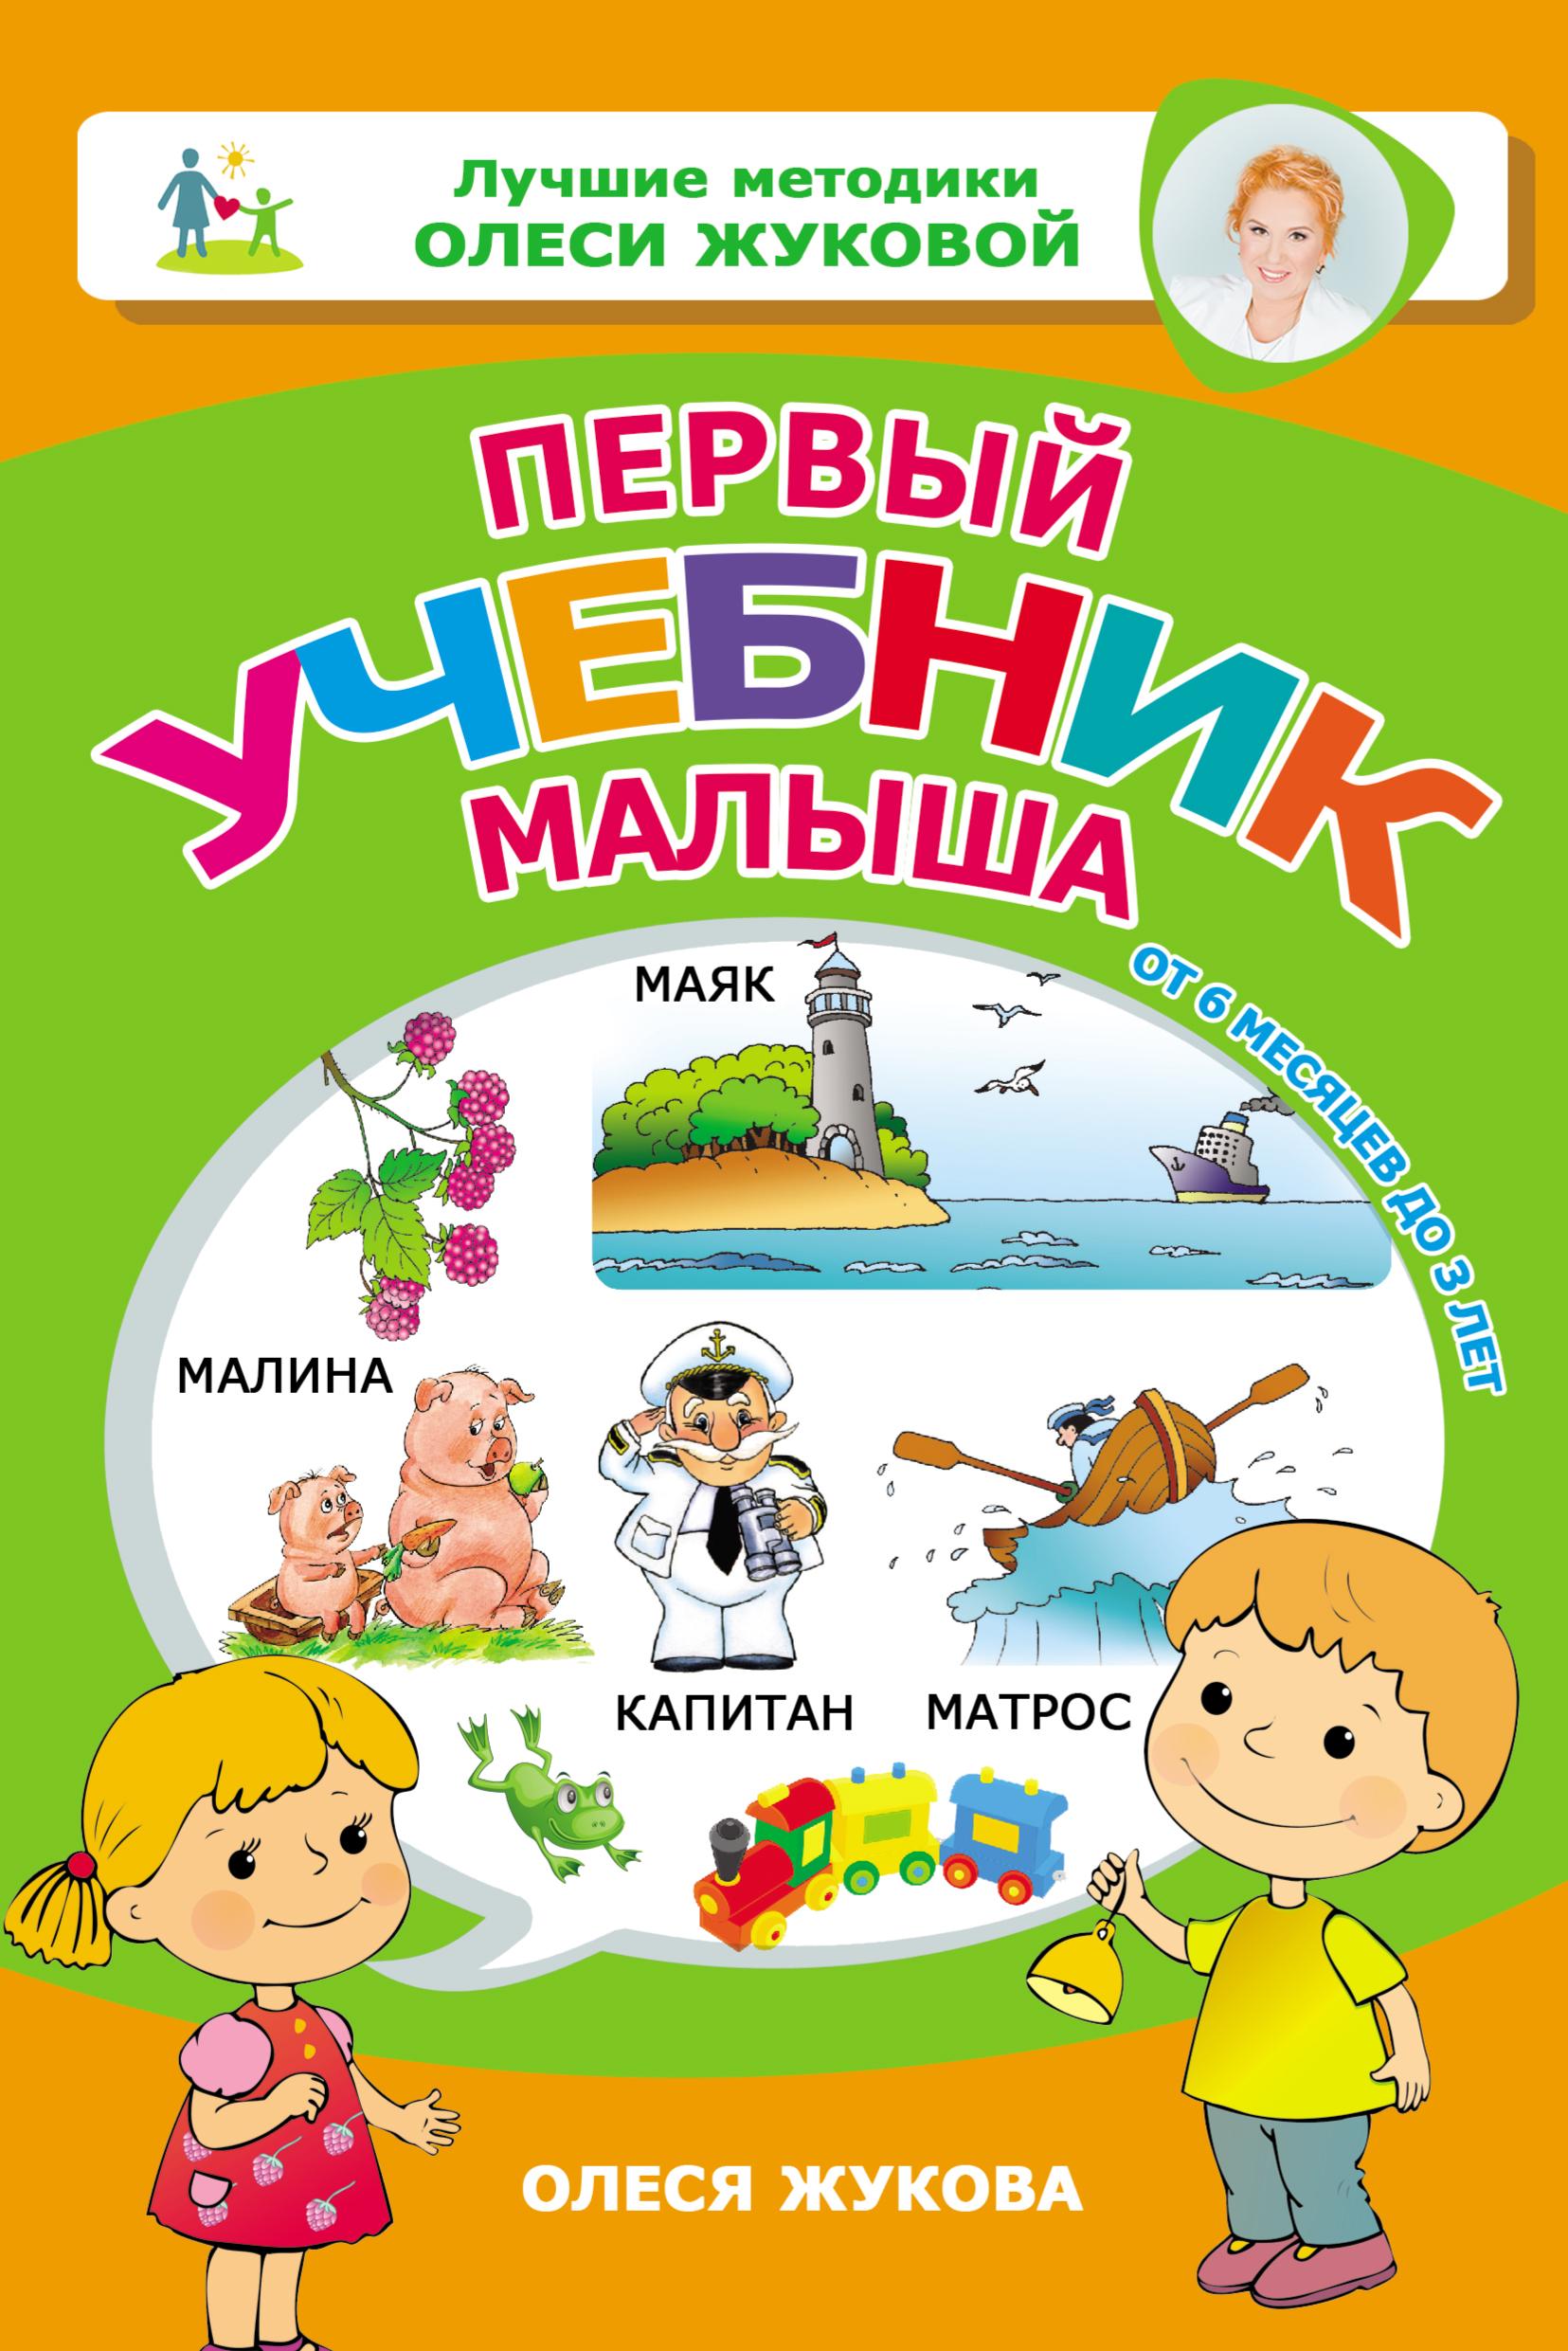 Олеся Жукова Первый учебник малыша. От 6 месяцев до 3 лет жукова о первый учебник малыша от 6 месяцев до 3 лет isbn 9785271392252